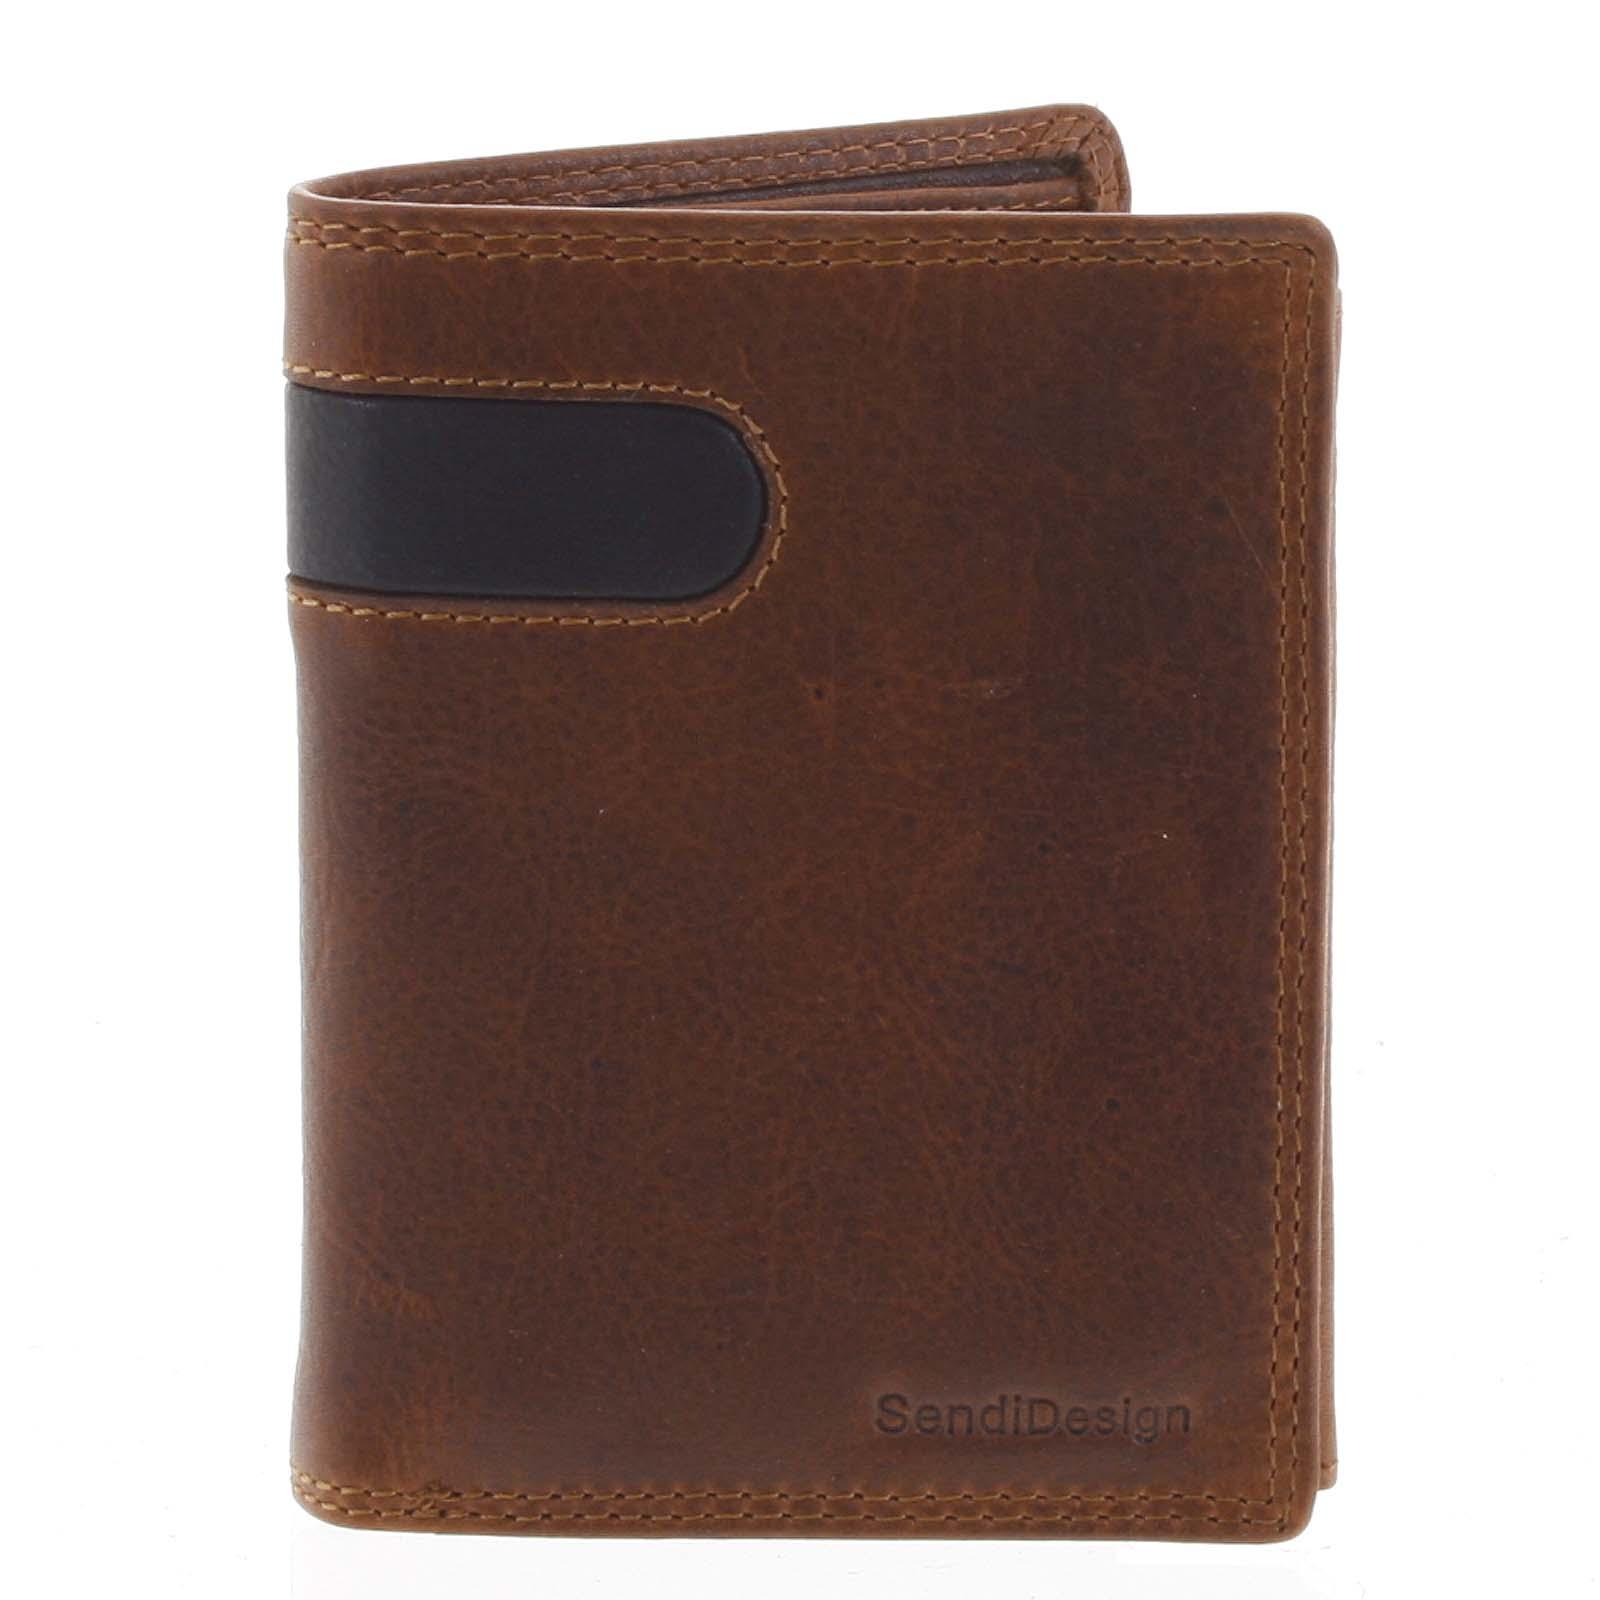 Pánská kožená peněženka hnědá - SendiDesign Parah